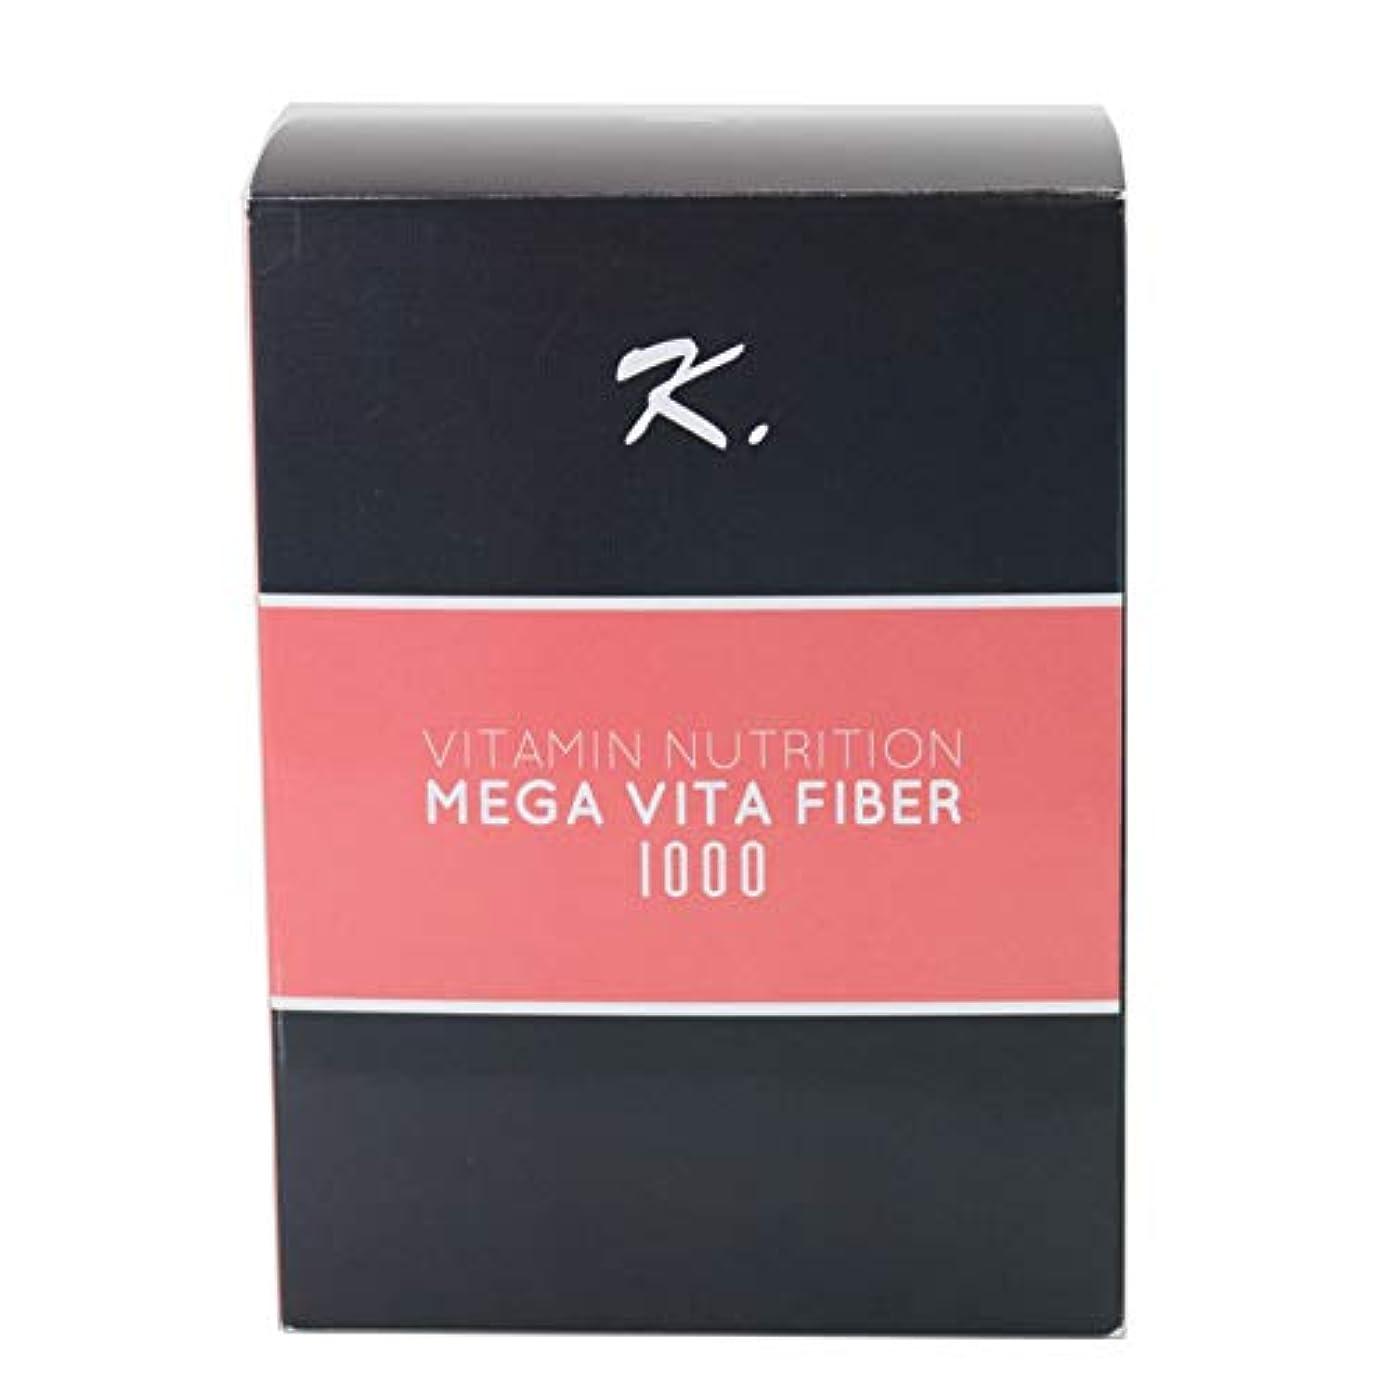 トレイもっともらしい影響するMEGA VITA FIBER 1000 食物繊維 ビタミンC ダイエット 糖質制限 サプリメント